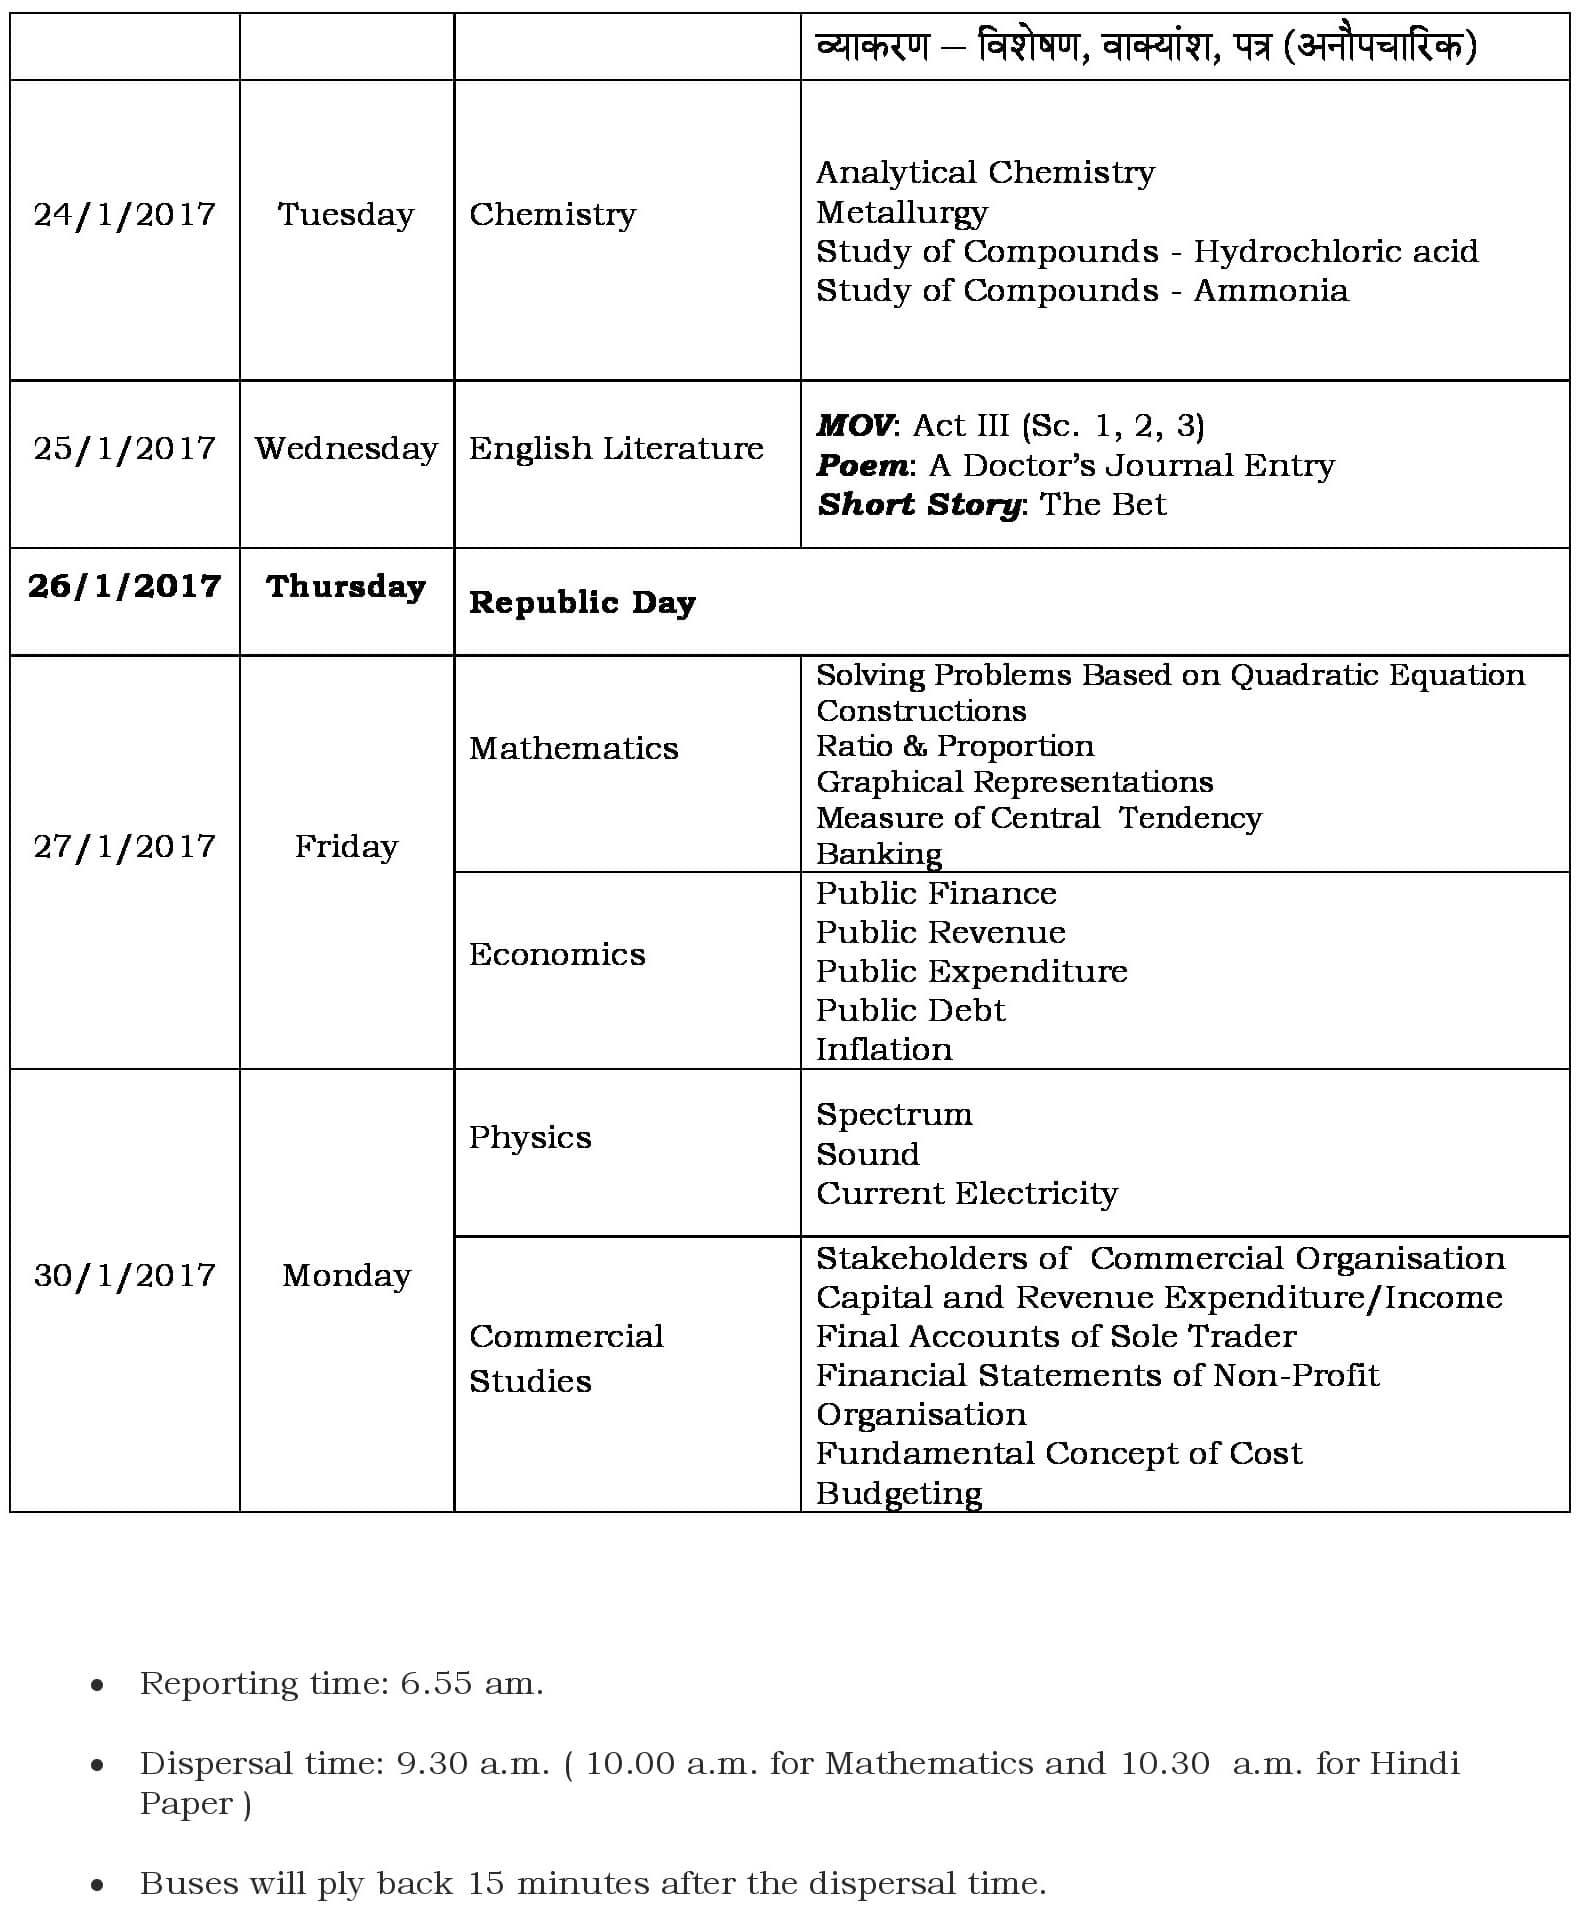 grade-ix-cce2-schedule-2016-2017-1